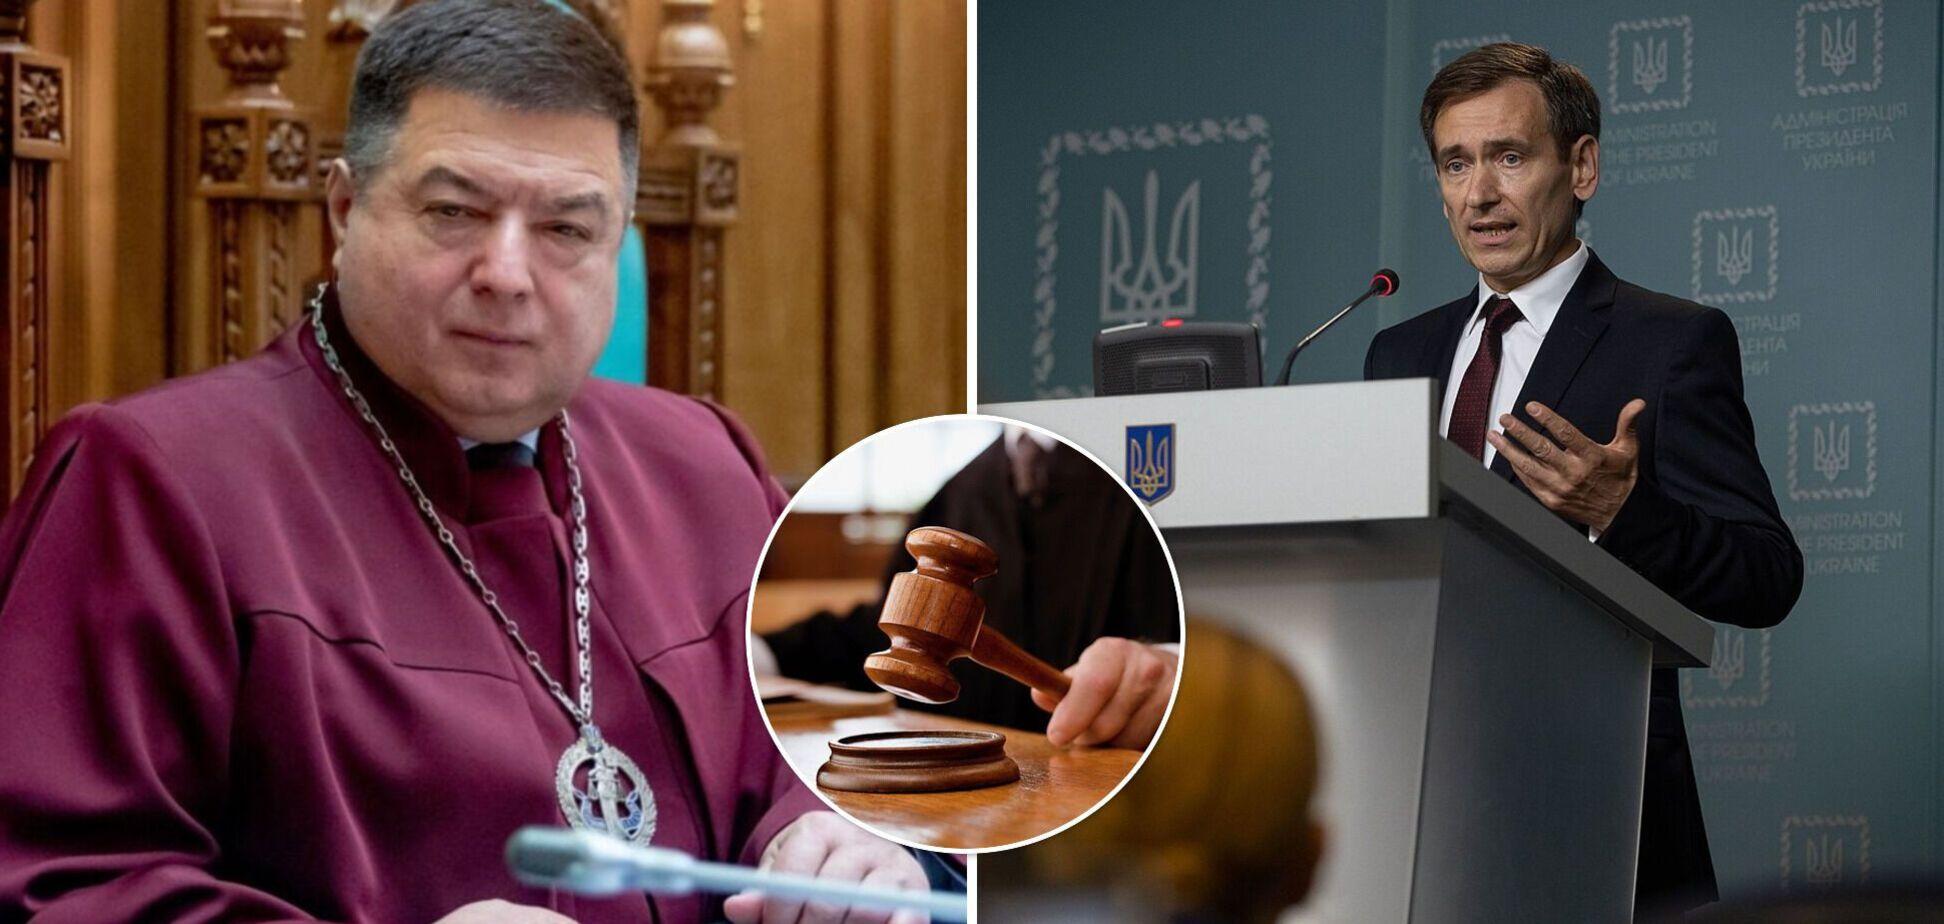 Указ про звільнення Тупицького: у Зеленського готові до оскарження документа в суді